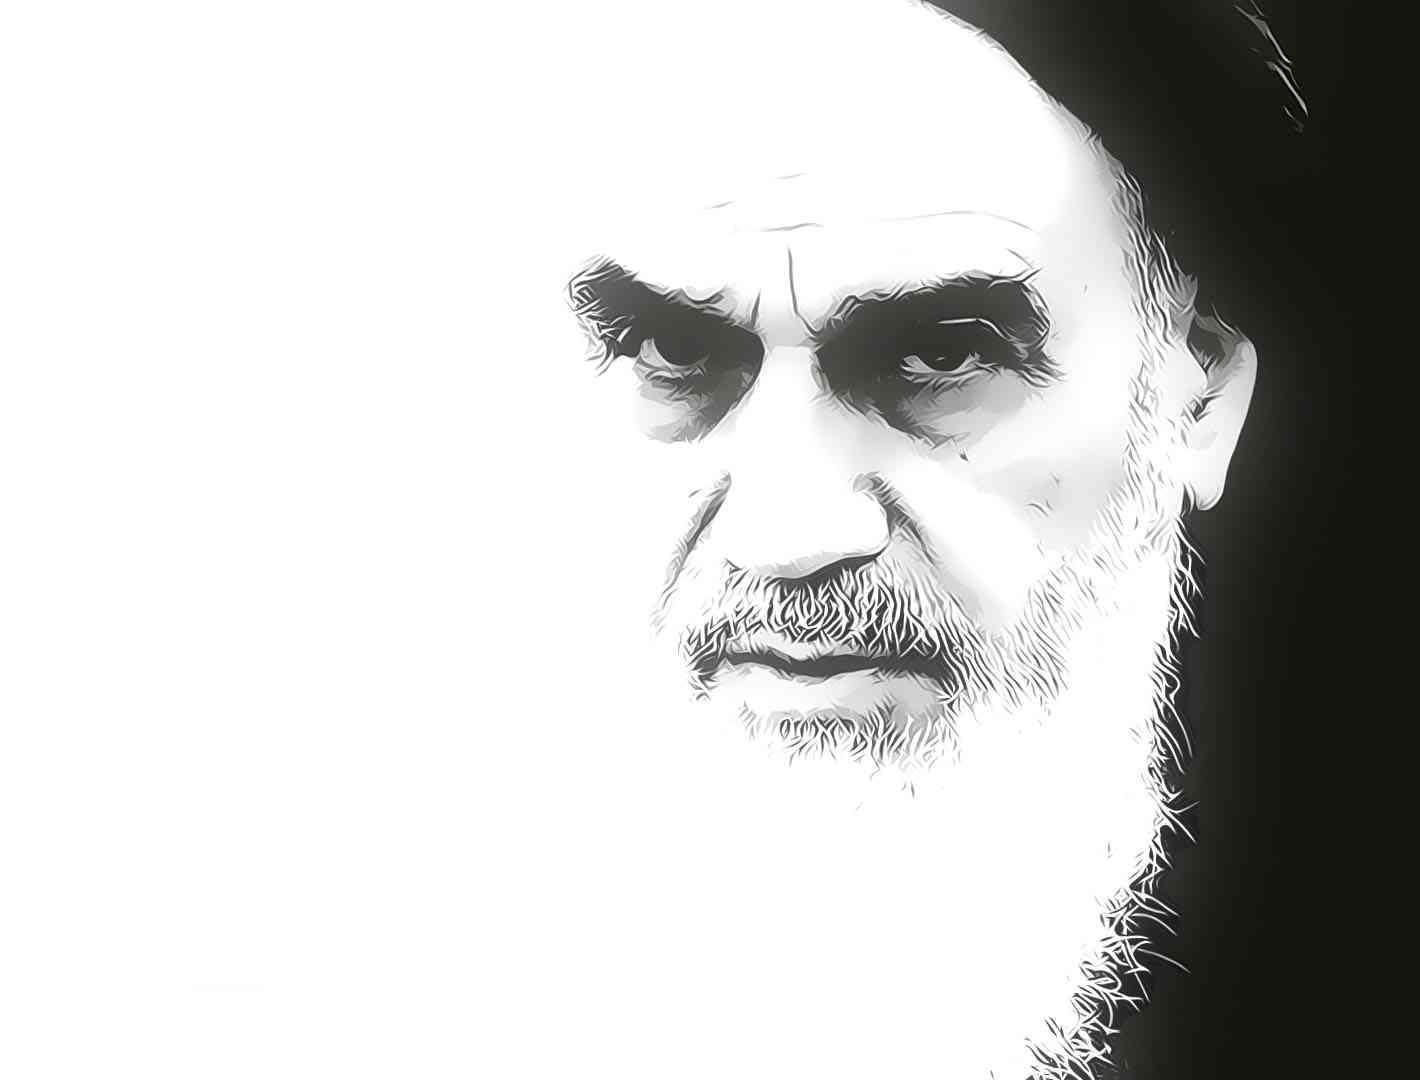 دانلود کتاب خاطرات امام خمینی رحمت الله علیه